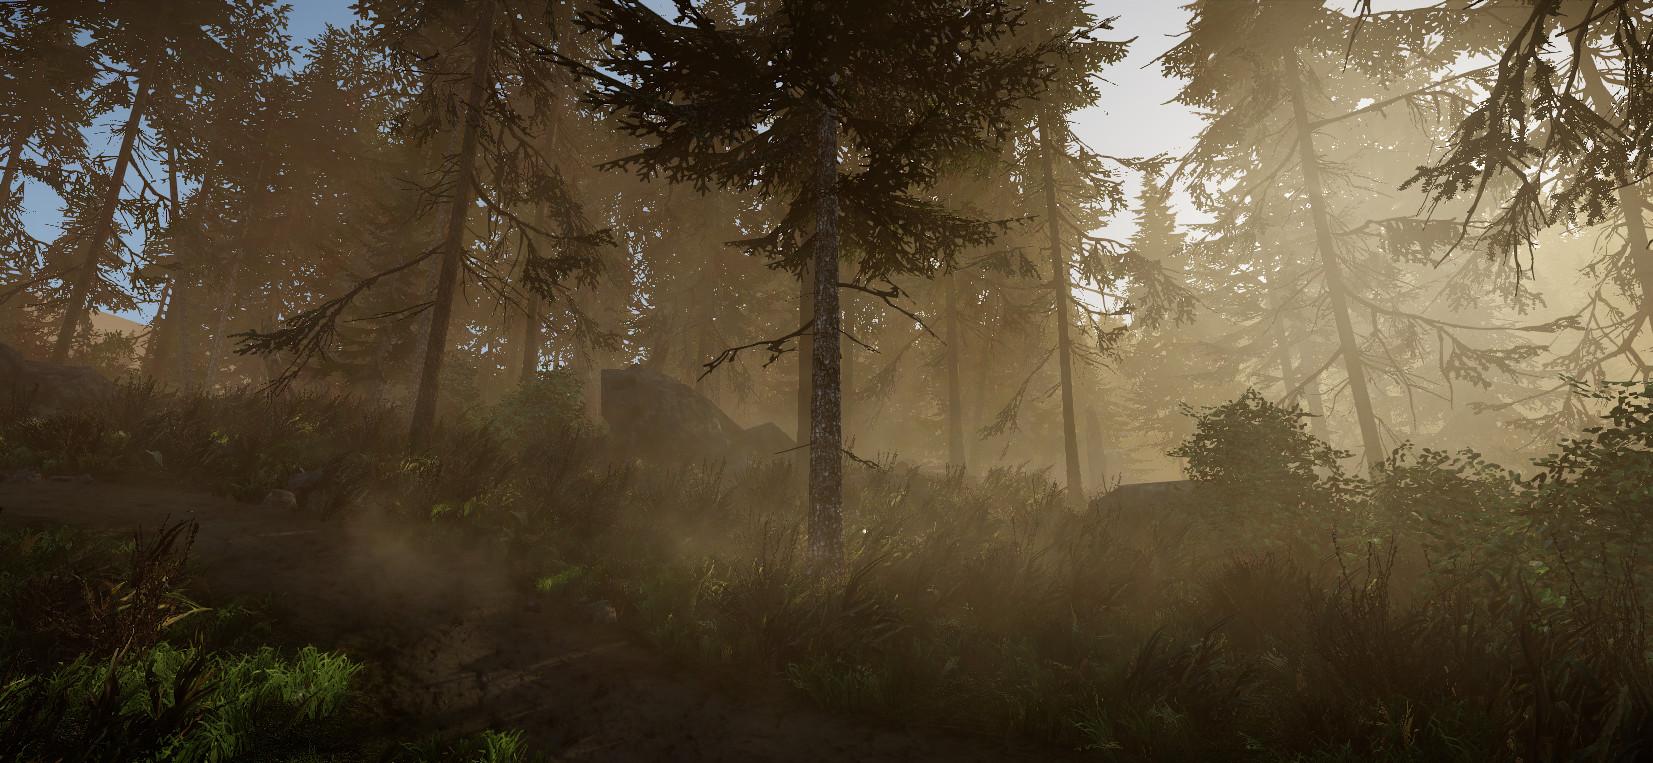 Sergei aparin forest